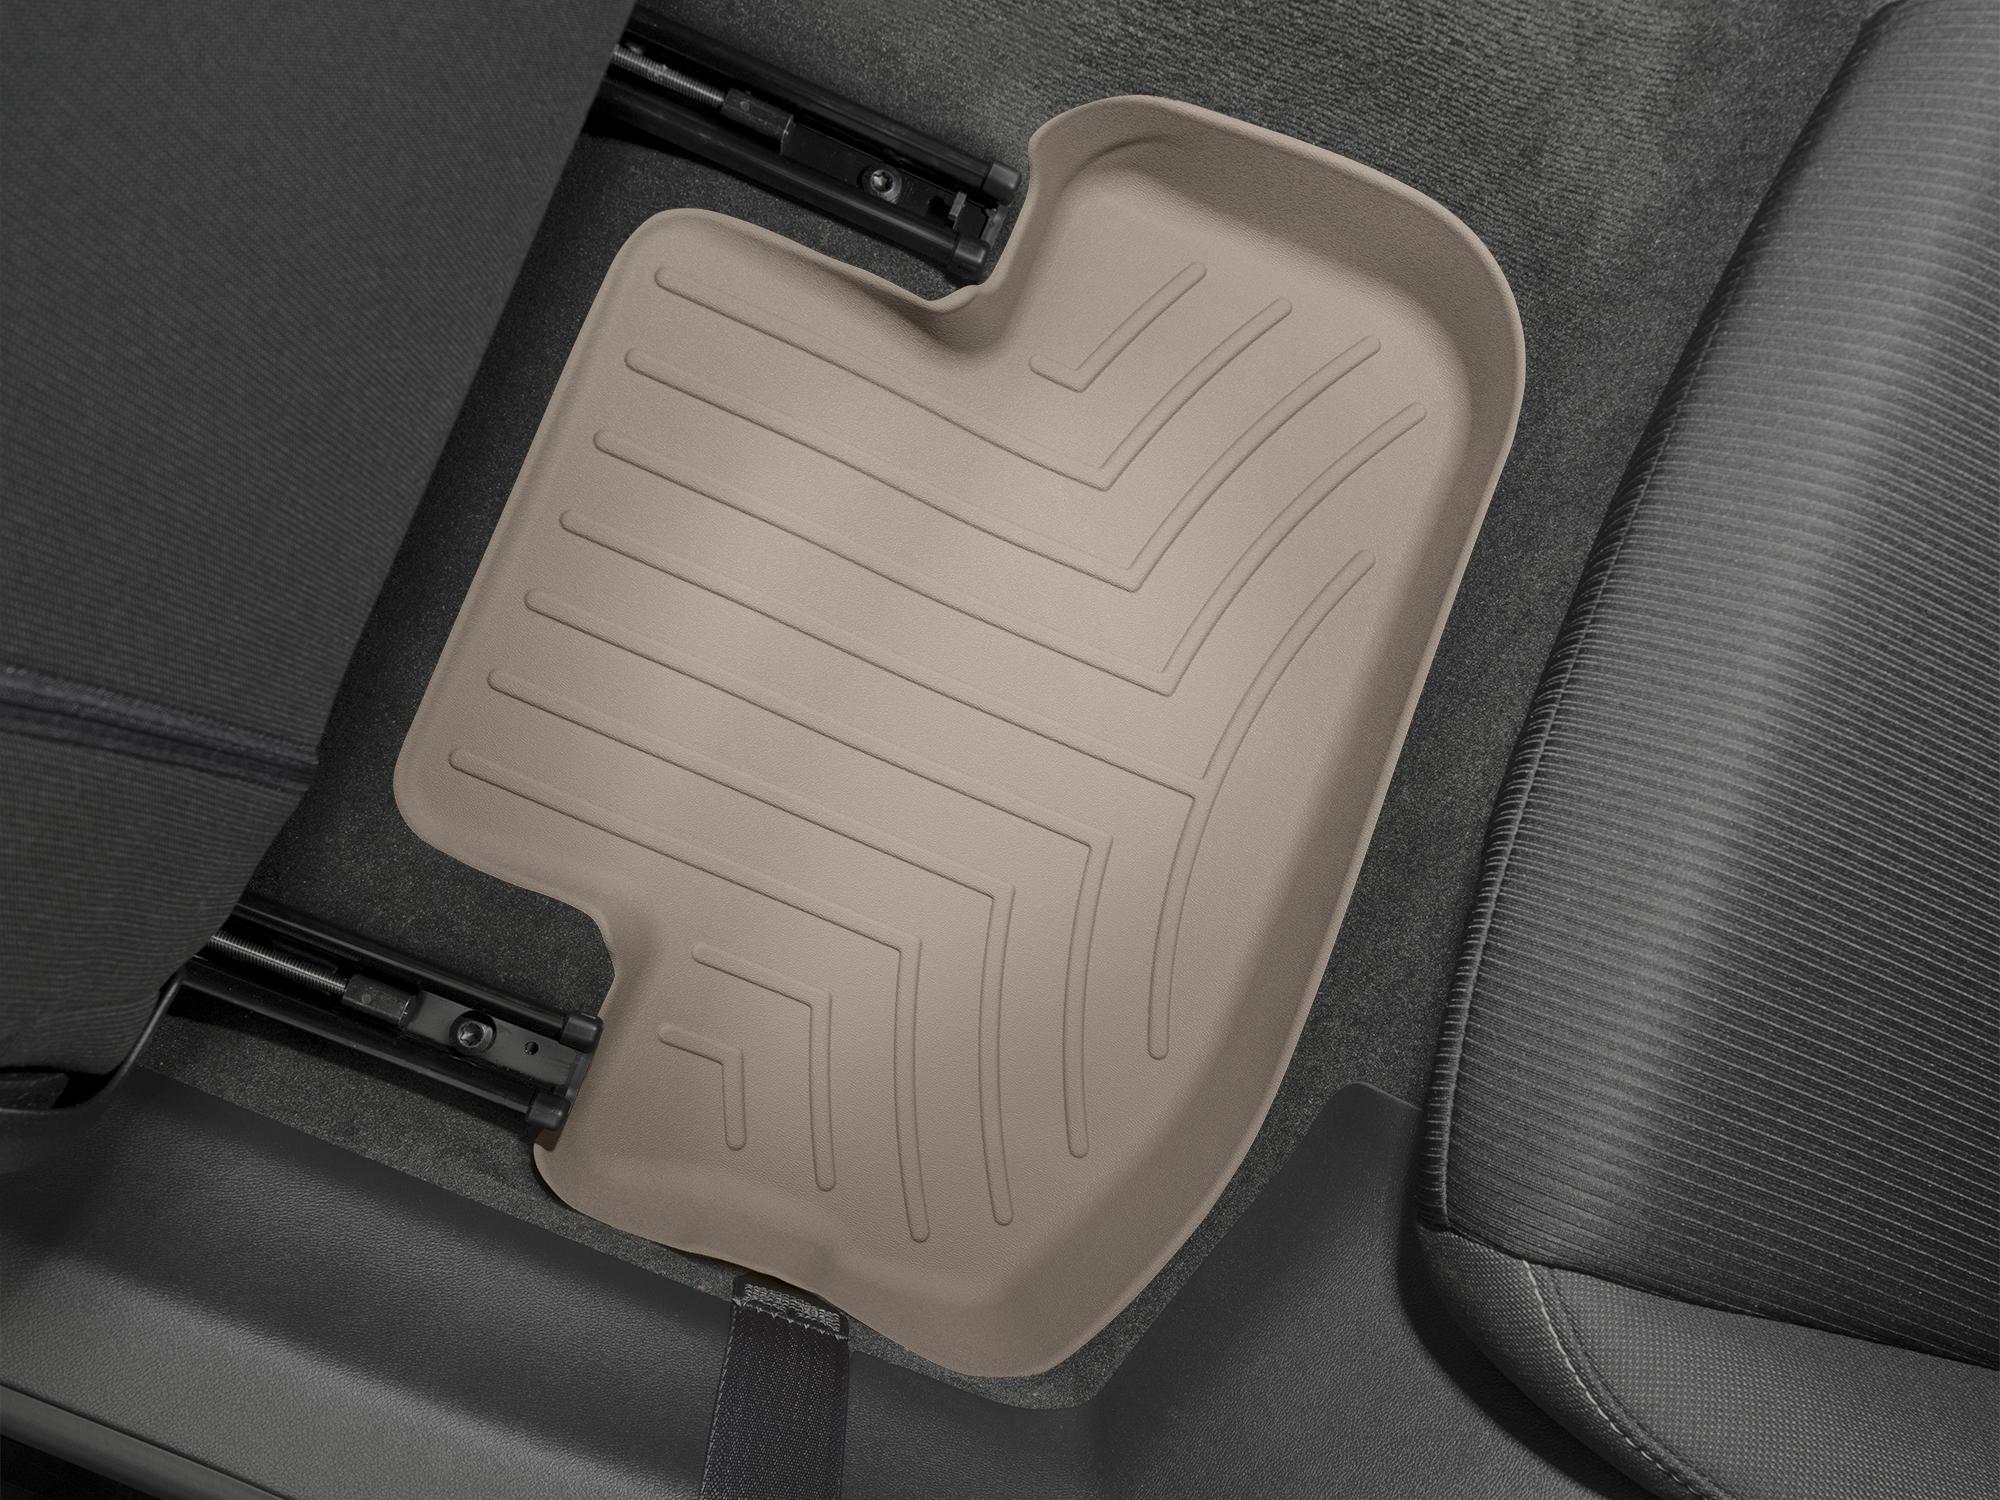 Tappeti gomma su misura bordo alto Chevrolet Camaro 10>15 Marrone A101*